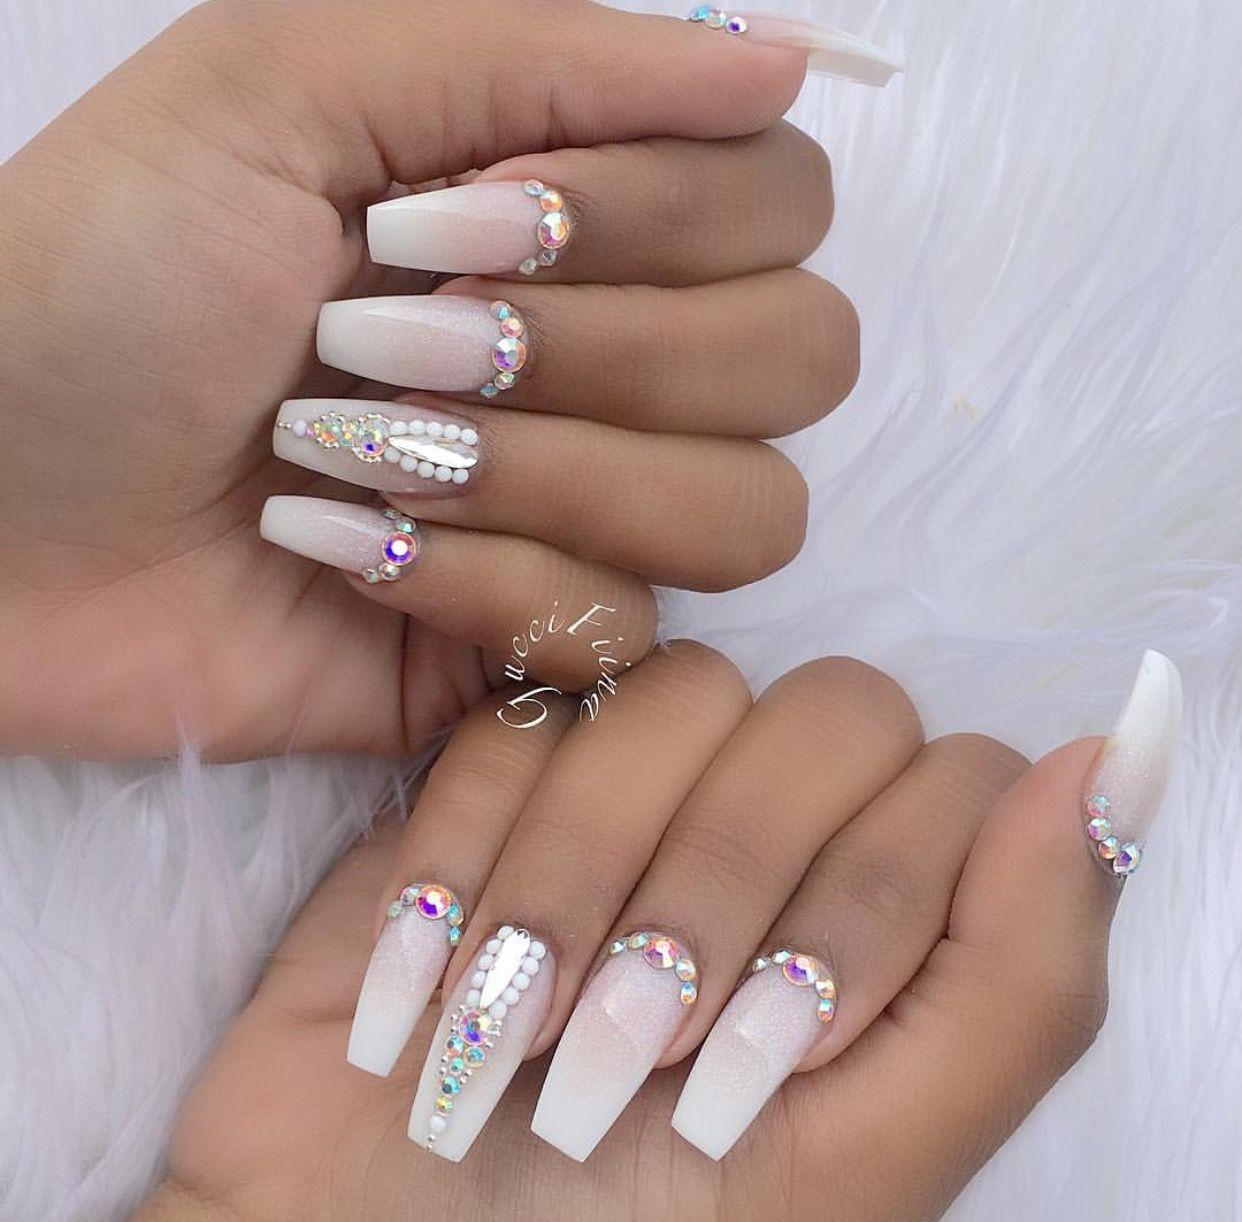 Pin de Janeisha Marie en Uñas | Pinterest | Diseños de uñas